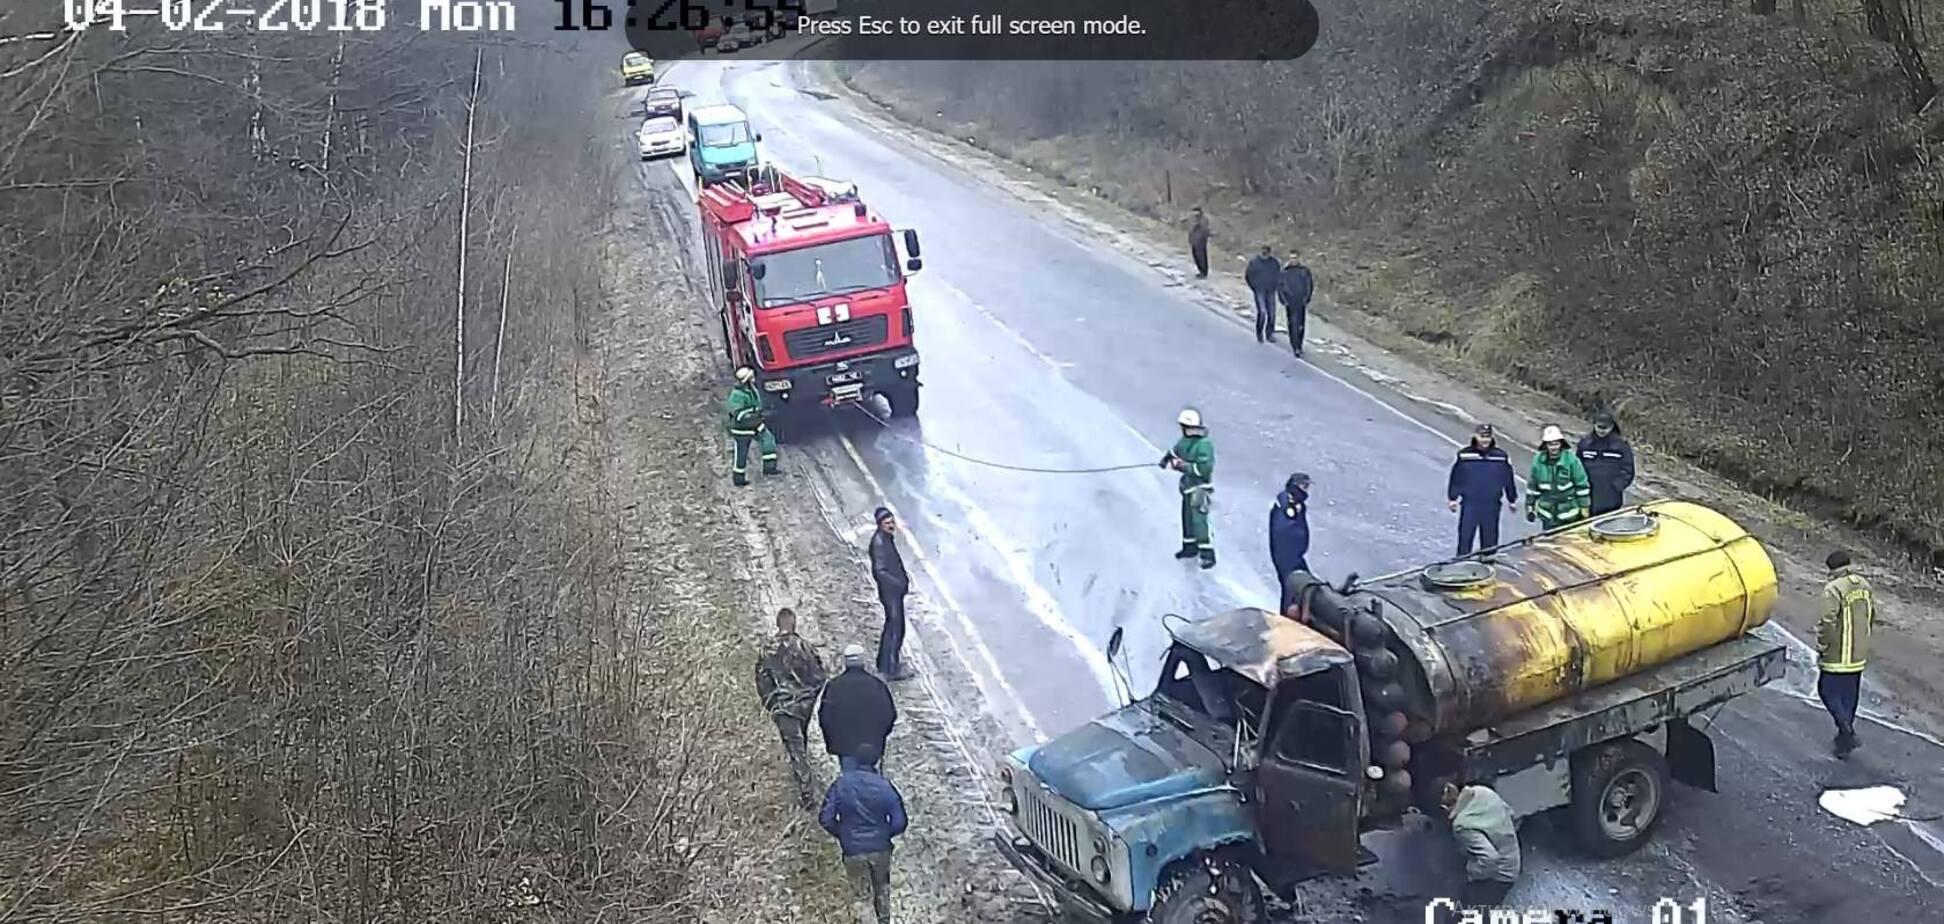 Через яму на дорозі: під Тернополем водій дивом вибрався з палаючого молоковоза. Відео